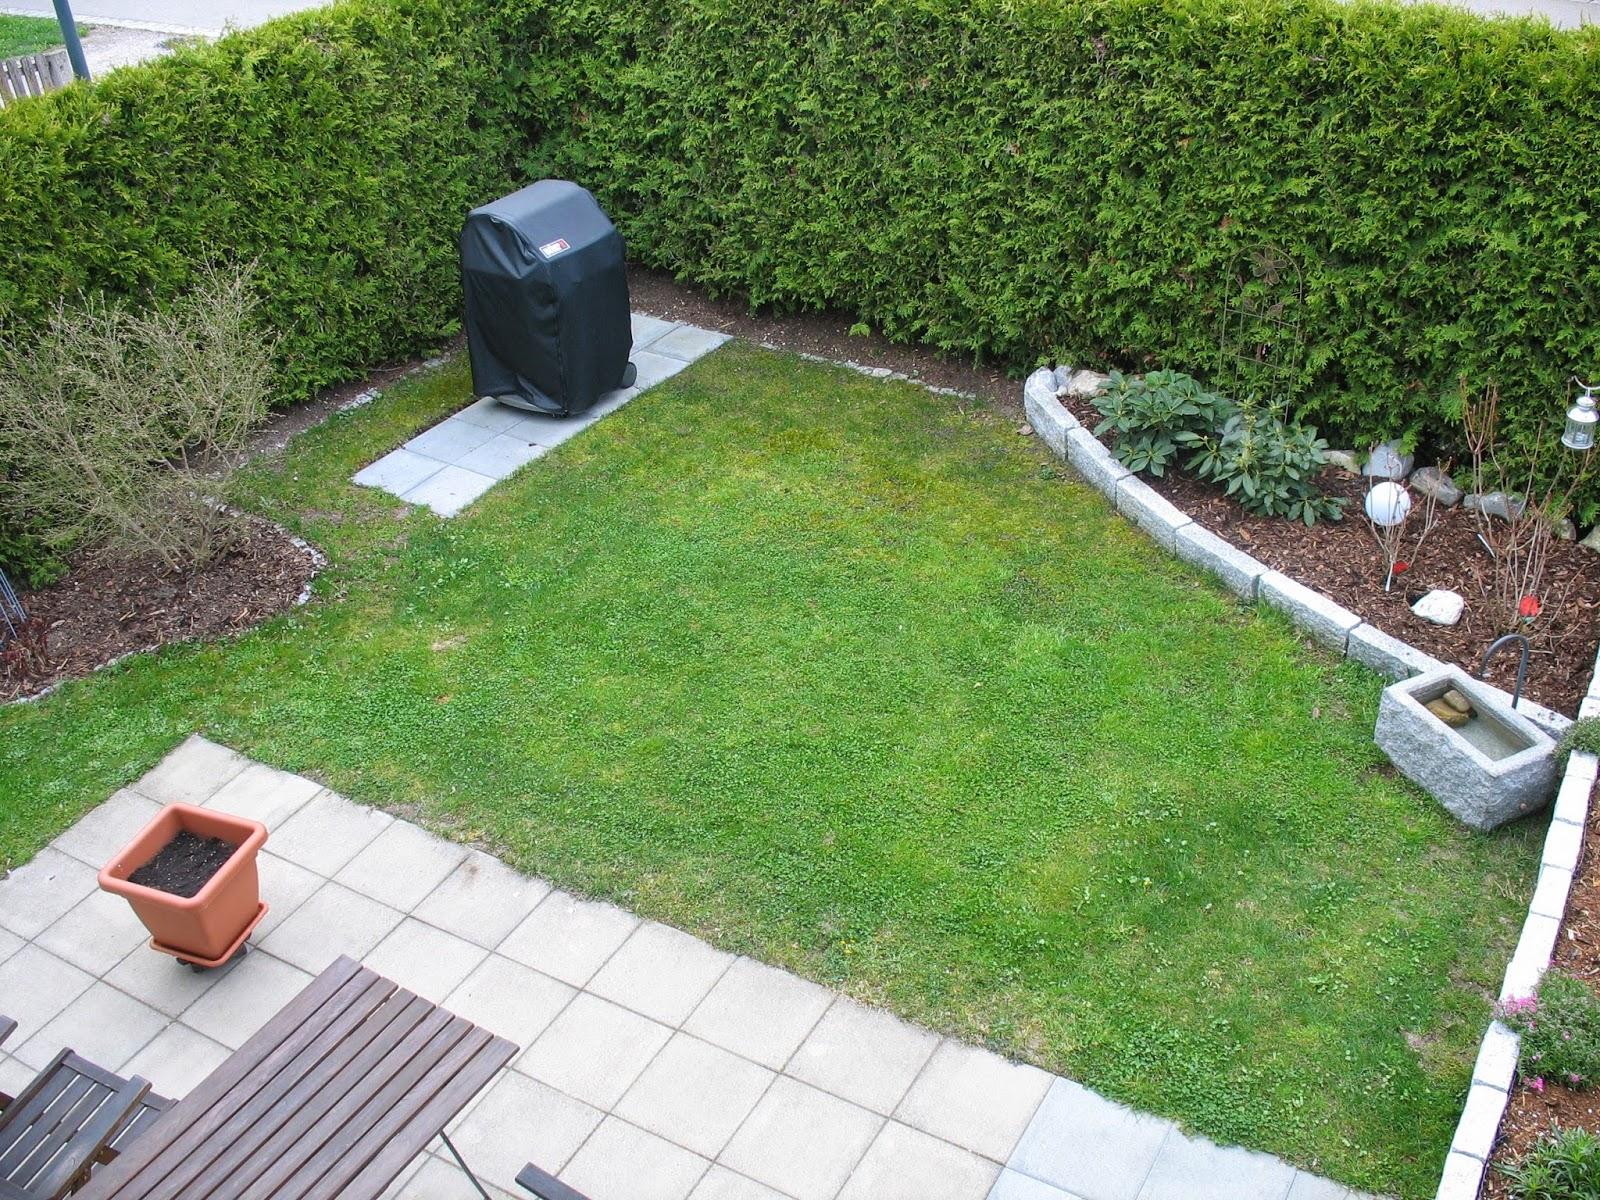 Ideen Kleiner Garten. Gallery Of Schne Gestaltung Ideen Kleiner ...